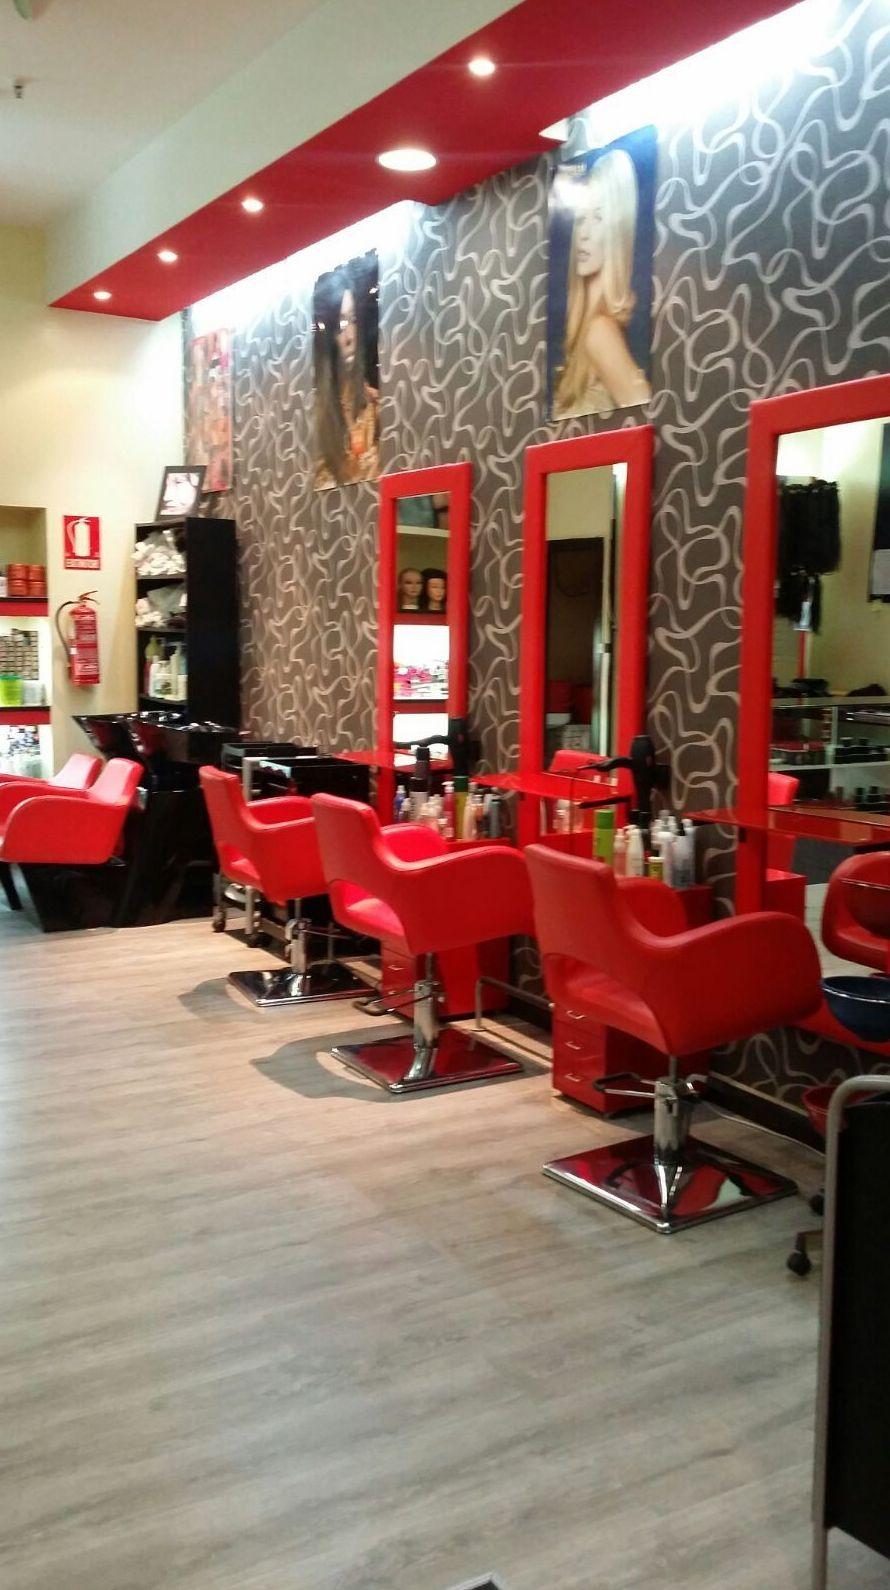 Peluquería especializada en extensiones de pelo